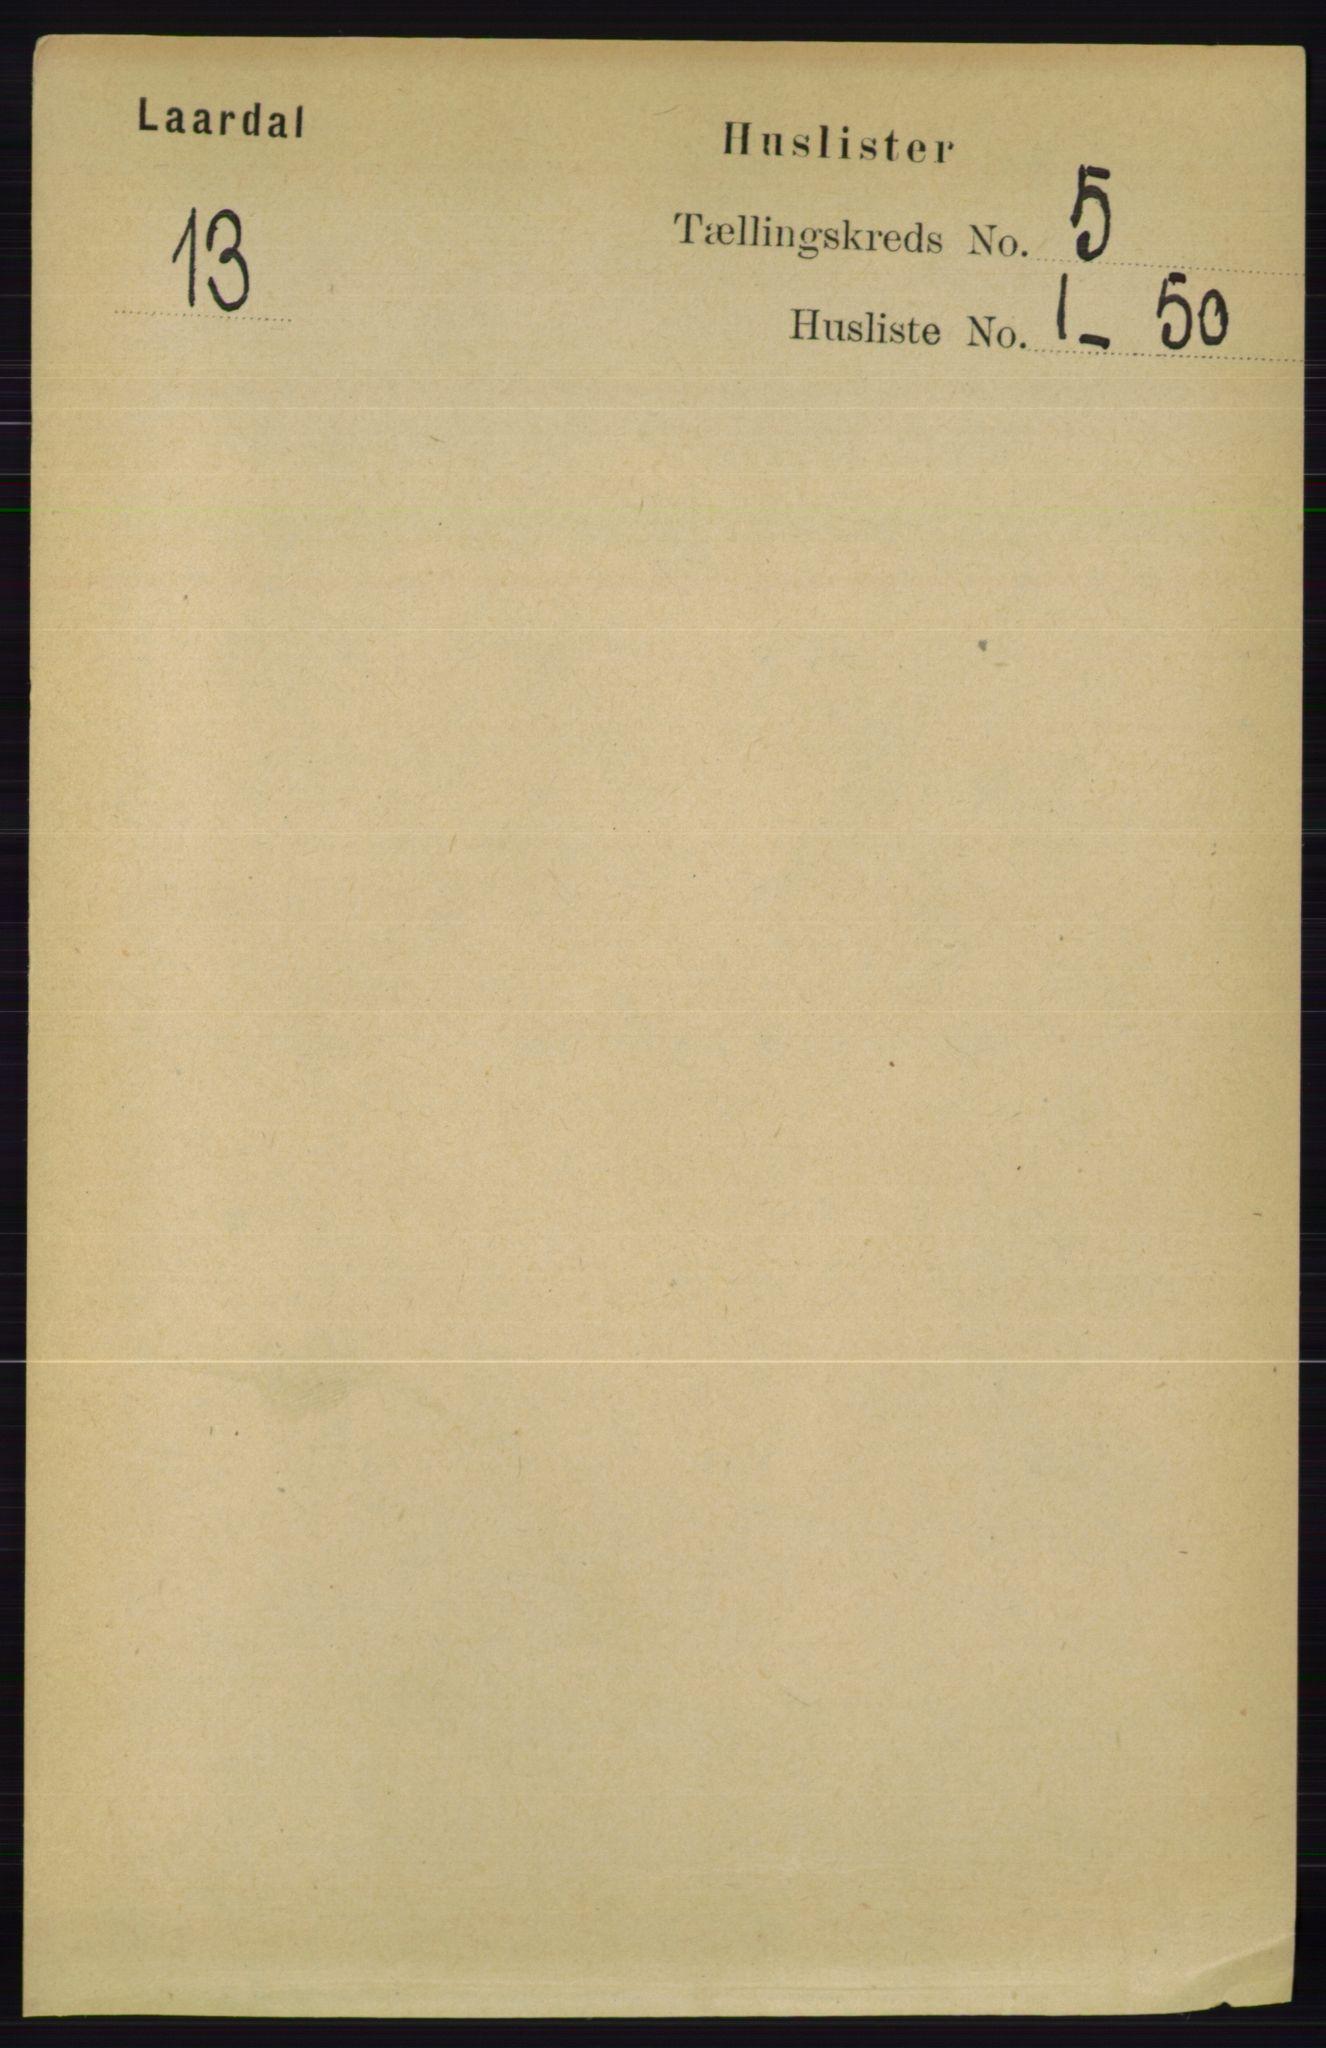 RA, Folketelling 1891 for 0833 Lårdal herred, 1891, s. 1281